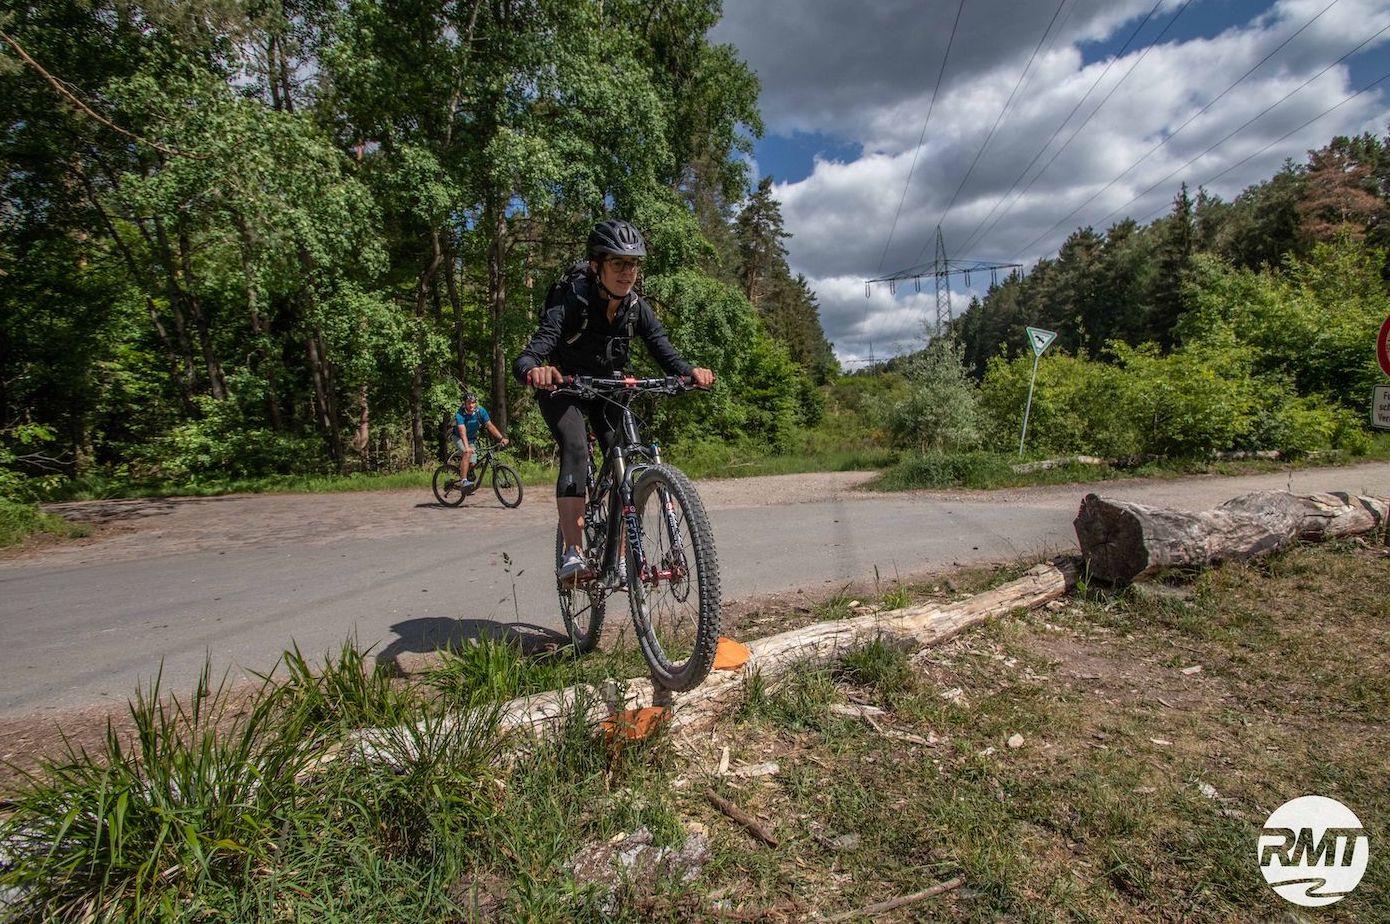 MTB Fahrtechnik Kurs für Einsteiger in Witten - Ruhrgebiet - Mountainbike Basic Ruhrgebit Trail Anfänger - Rock my Trail Bikeschule GmbH - 28